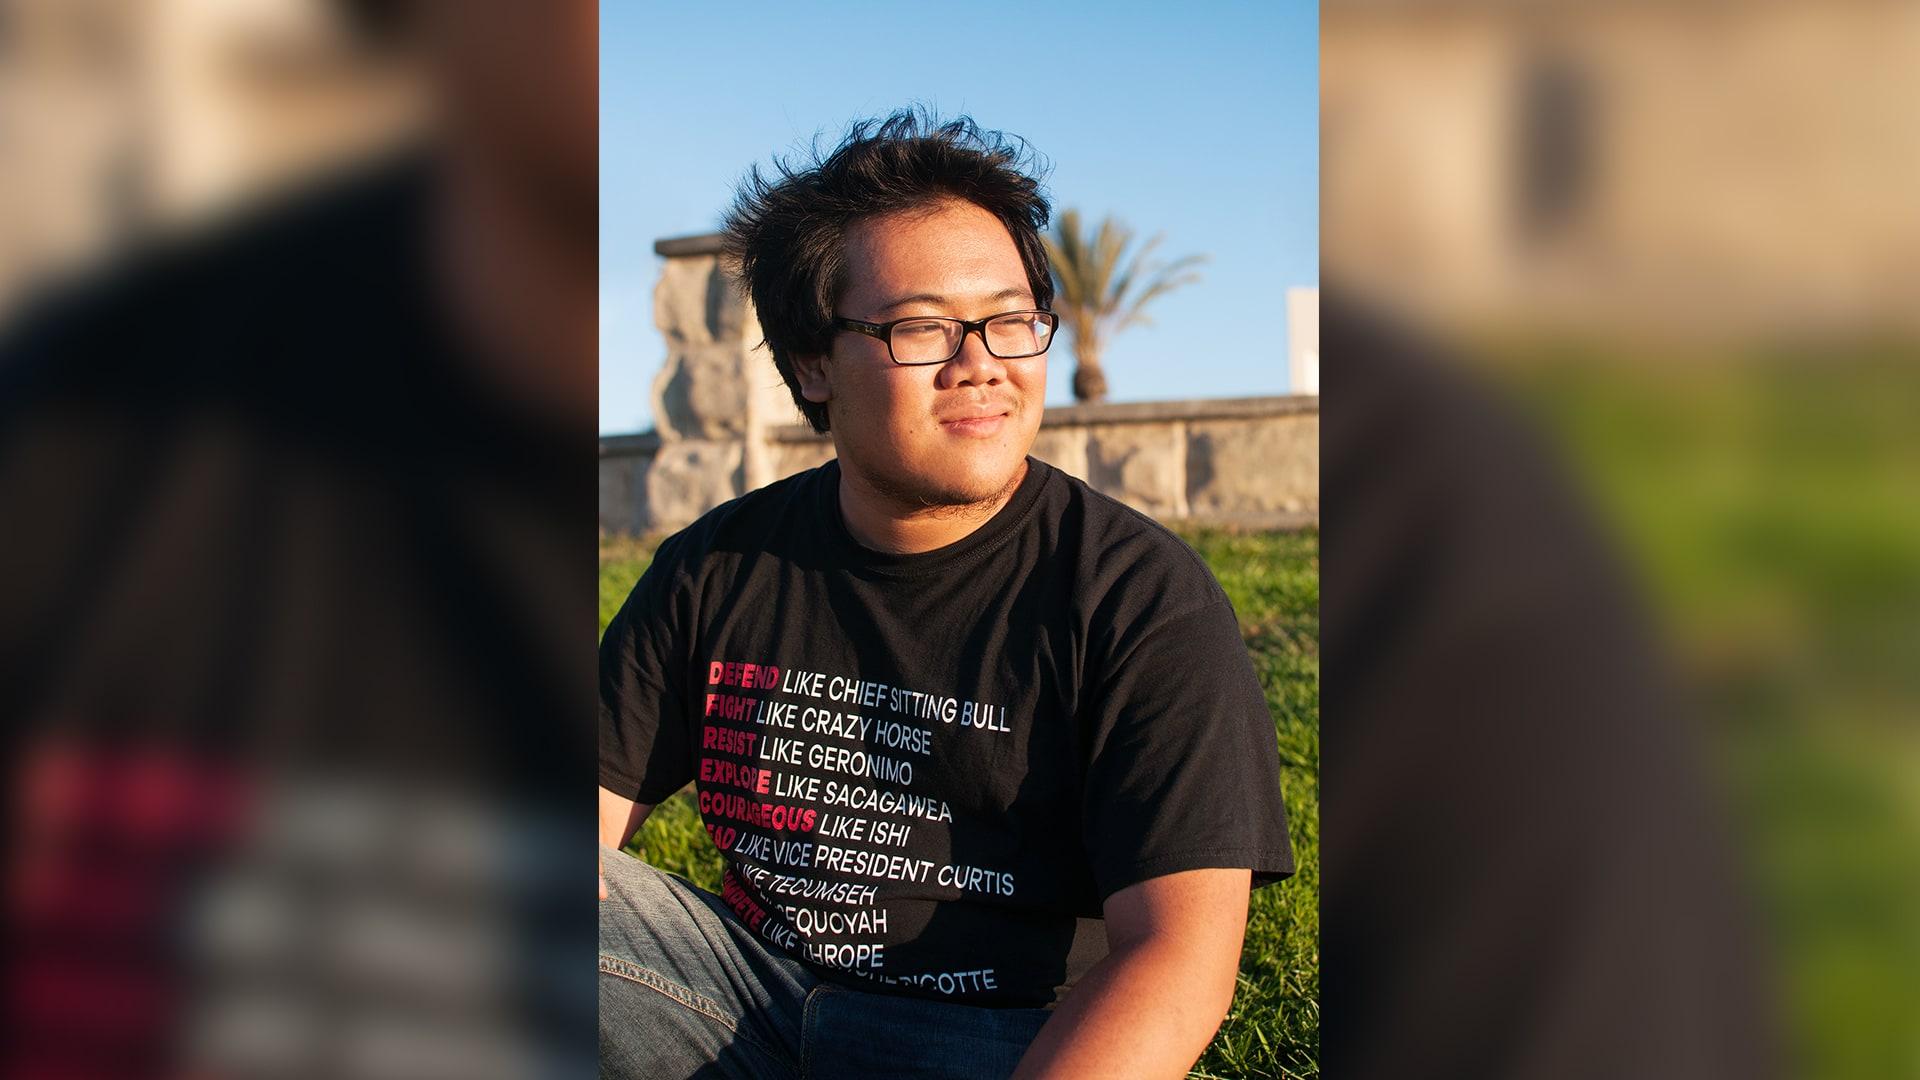 كينيث، طالب جامعيّ من كاليفورنيا.